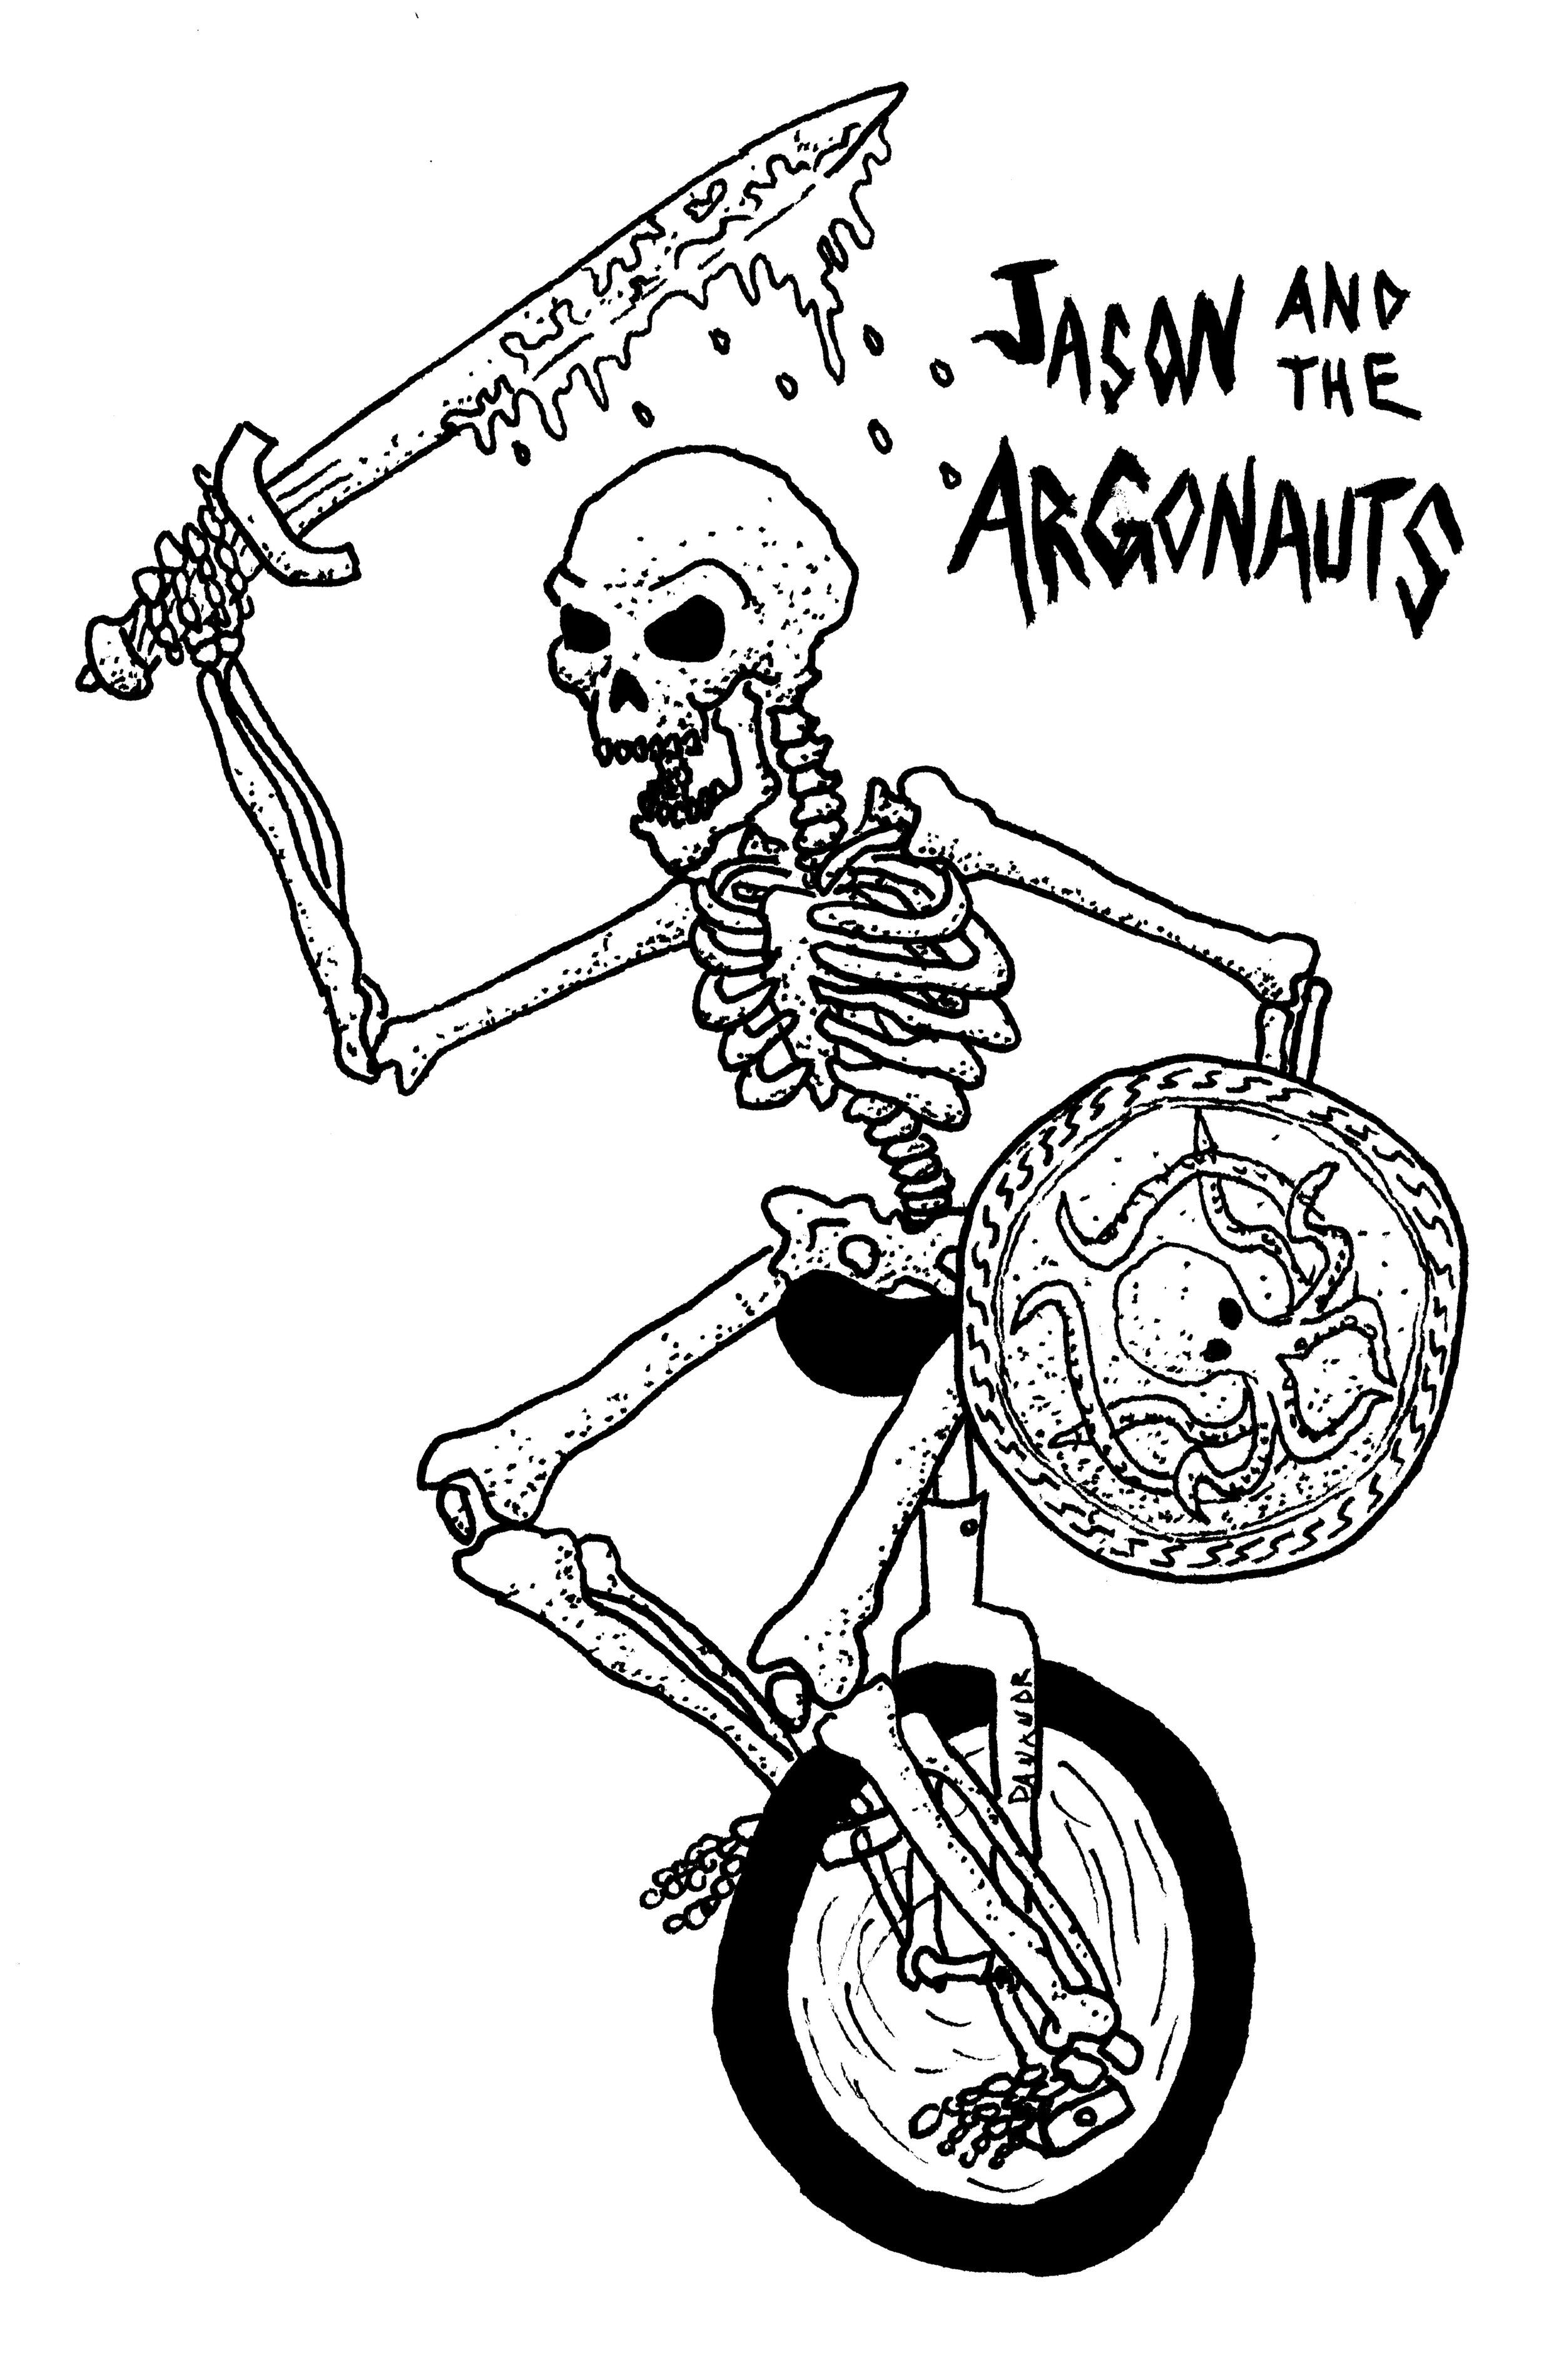 Jason and the Argonauts013.jpg